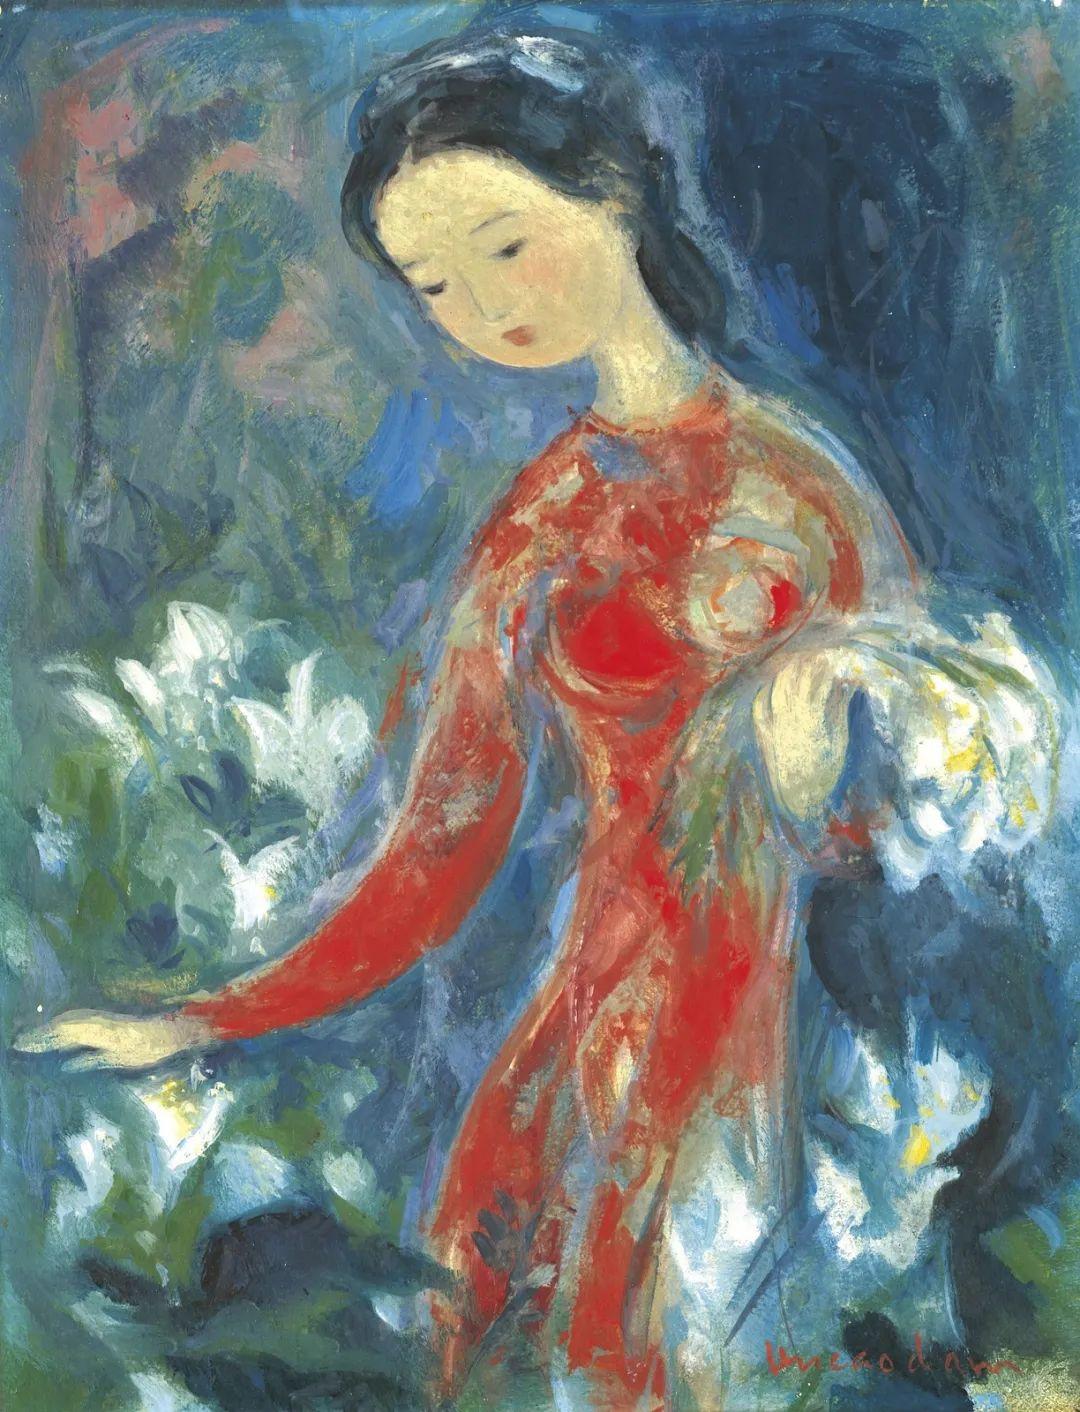 壁画风格绘画,色彩丰富、色调柔和!插图144